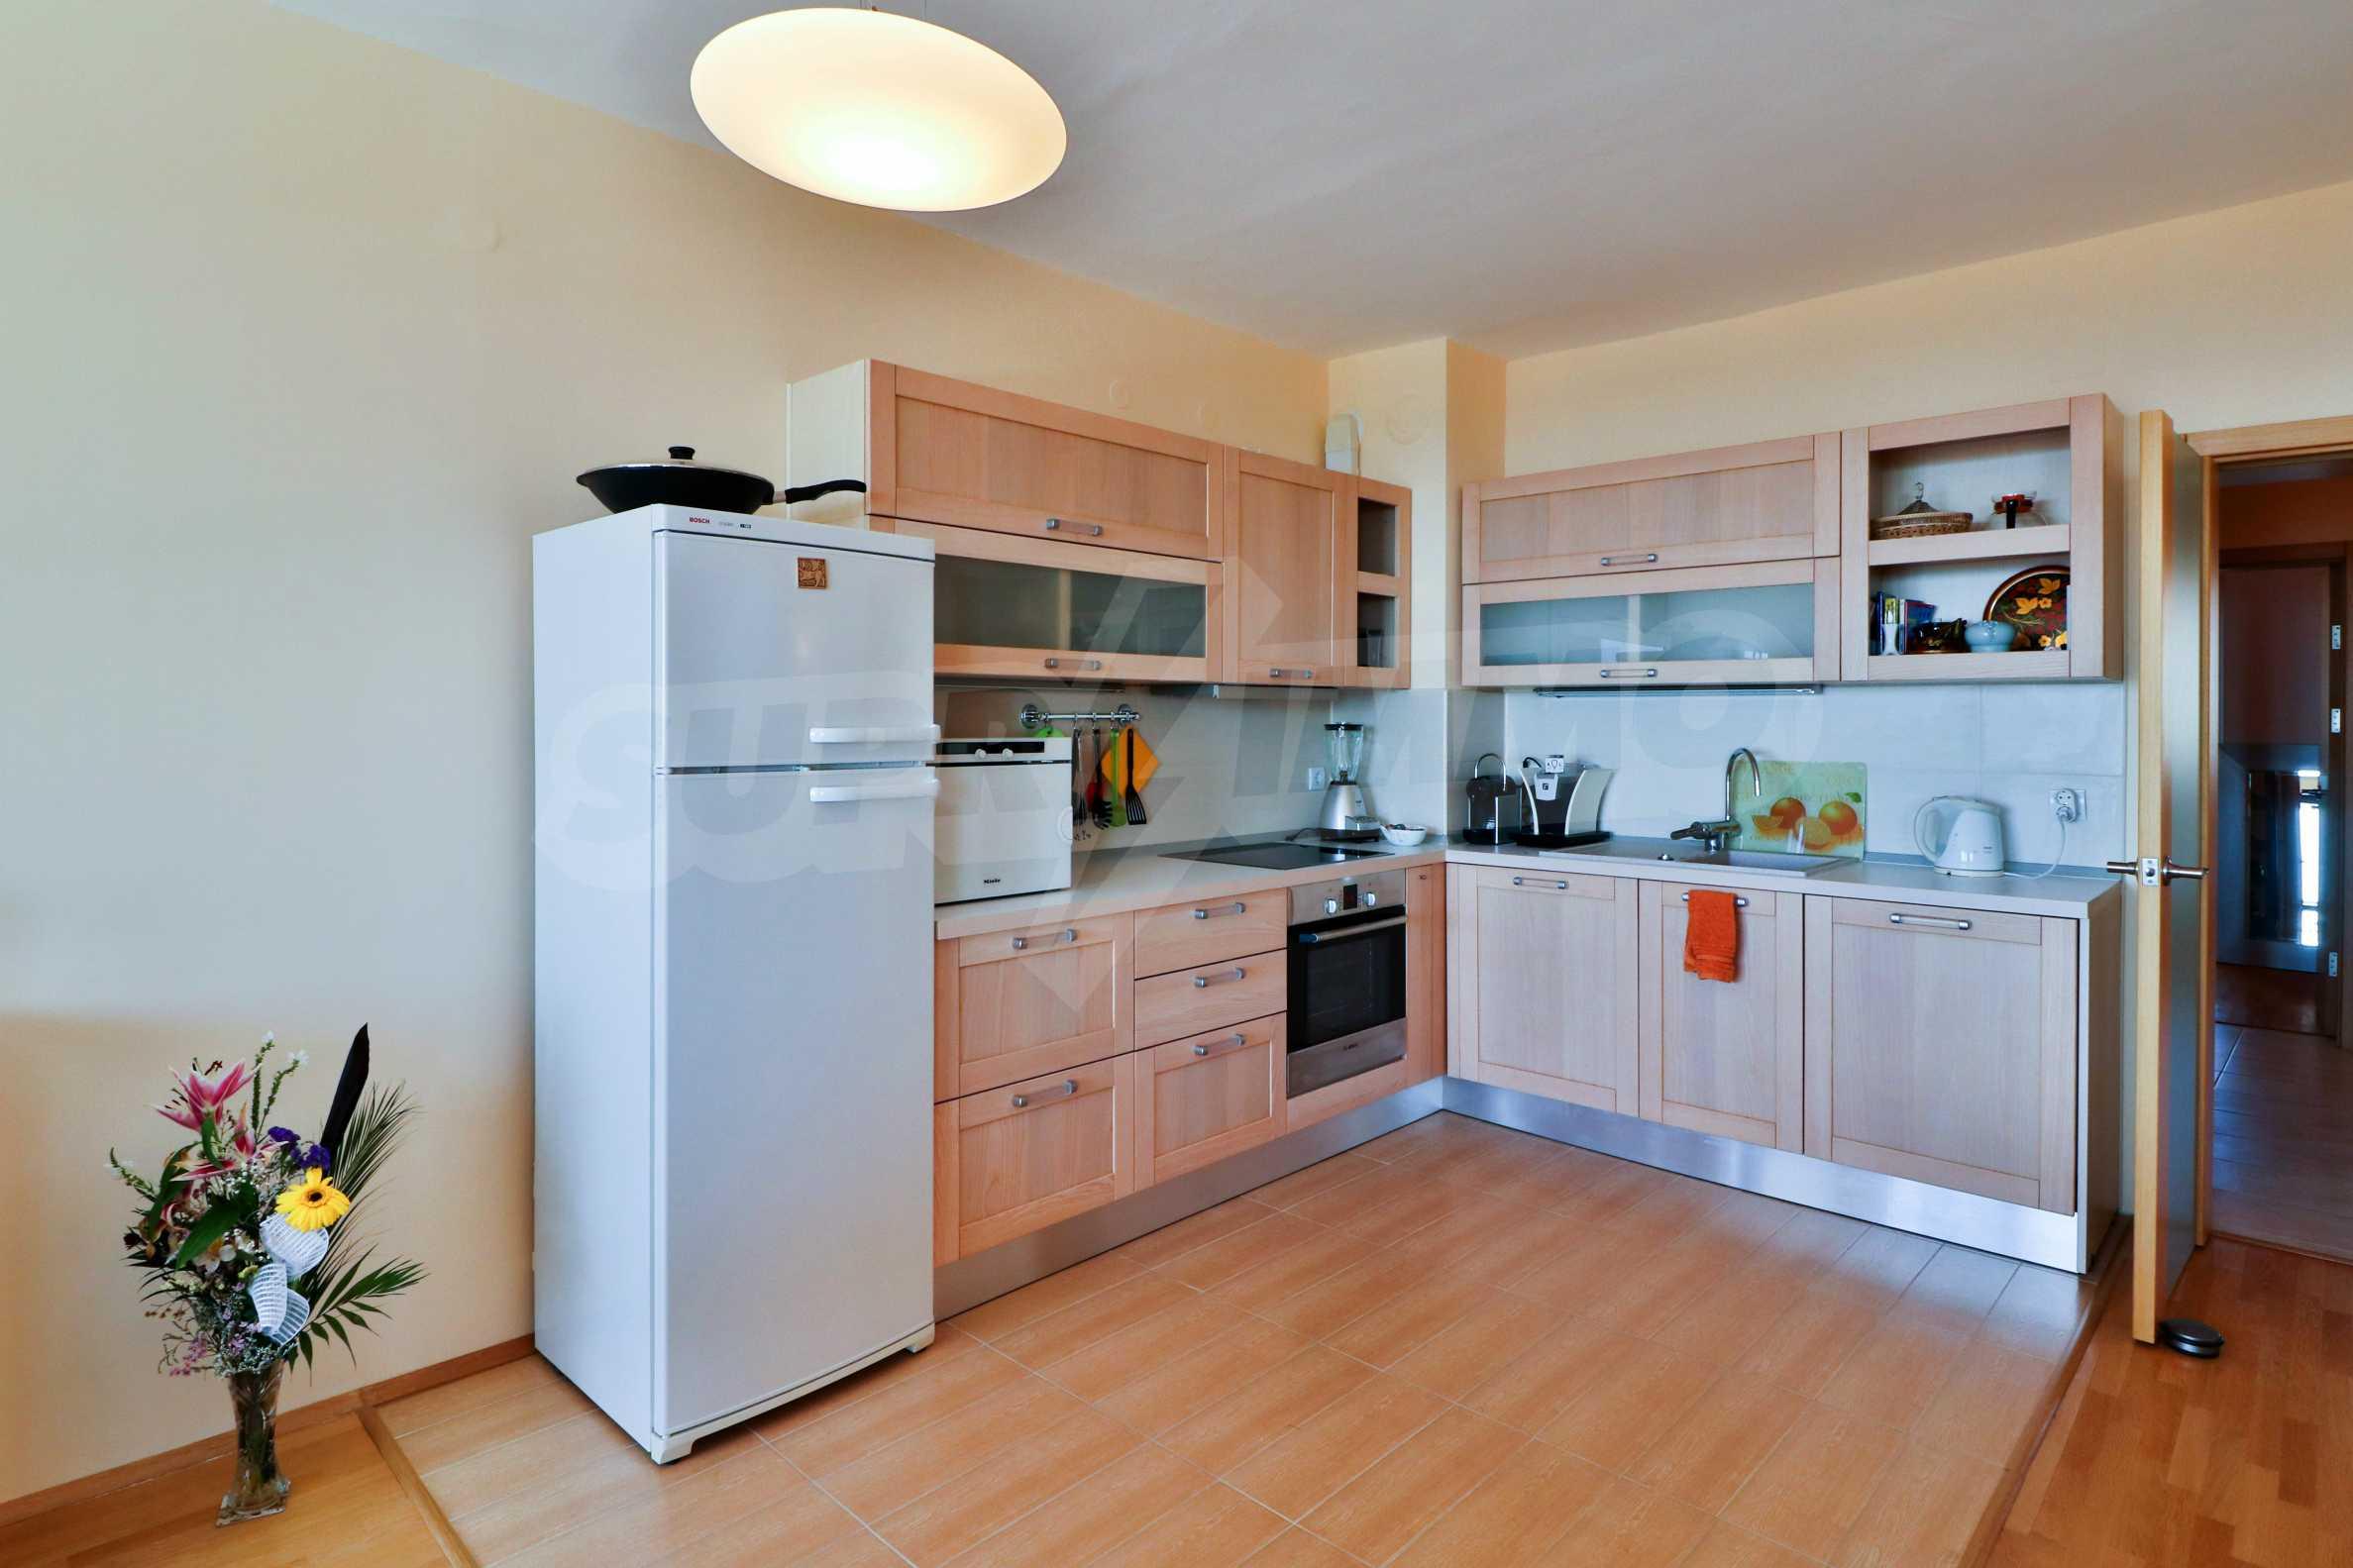 Модерен апартамент в местност Траката 6